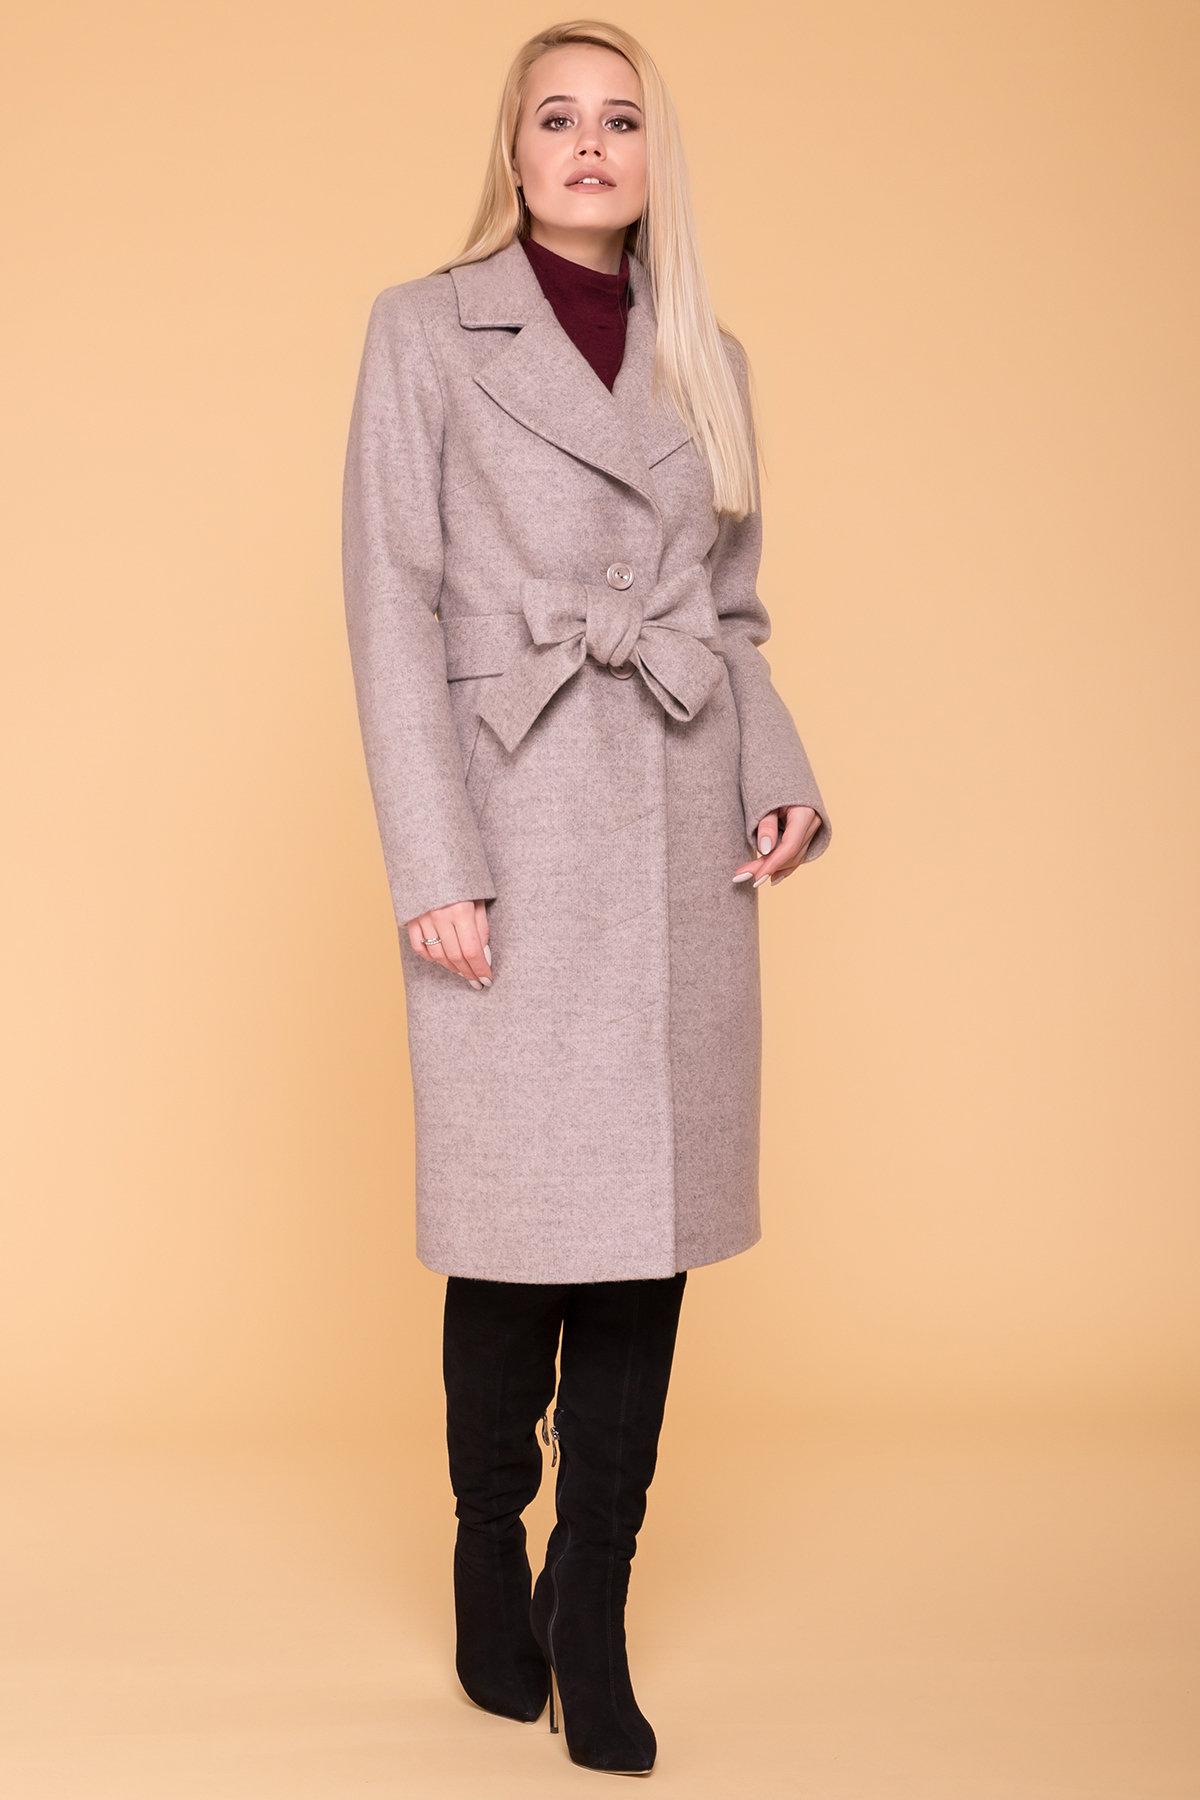 Демисезонное женское пальто от Modus Пальто Габриэлла 6289